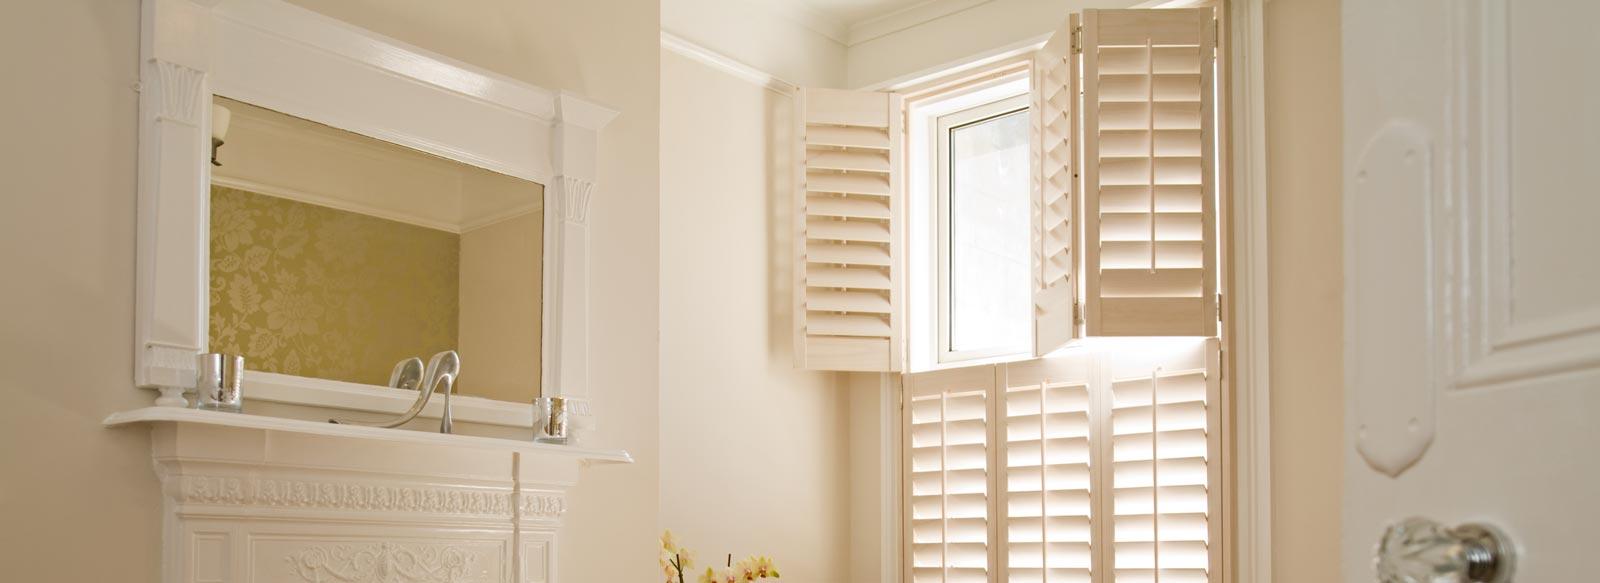 marla-tier-on-tier-shutters2a